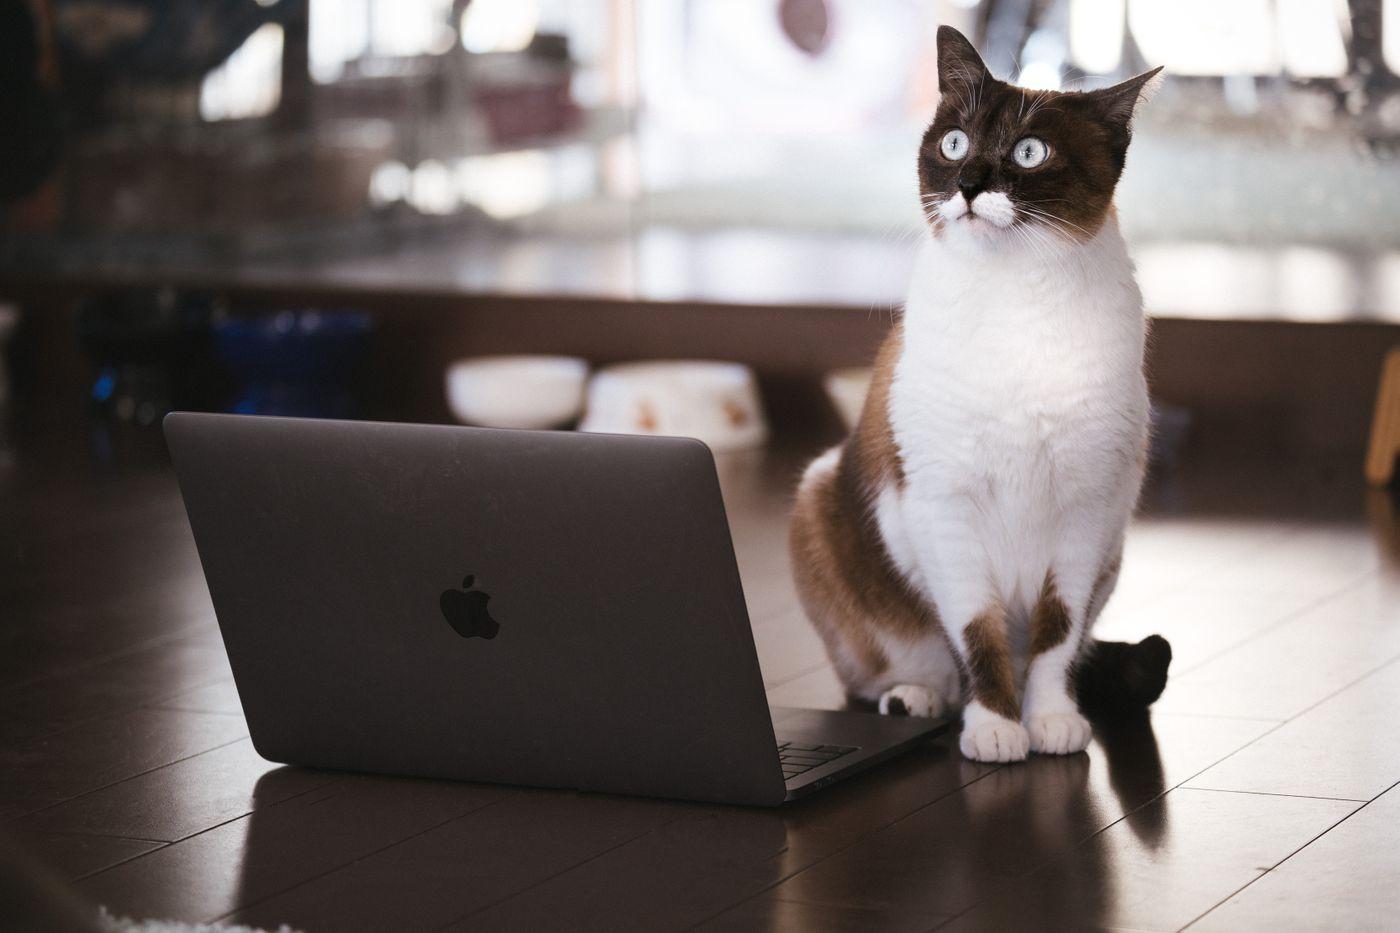 ノートパソコンを使ってプレゼンする猫の写真